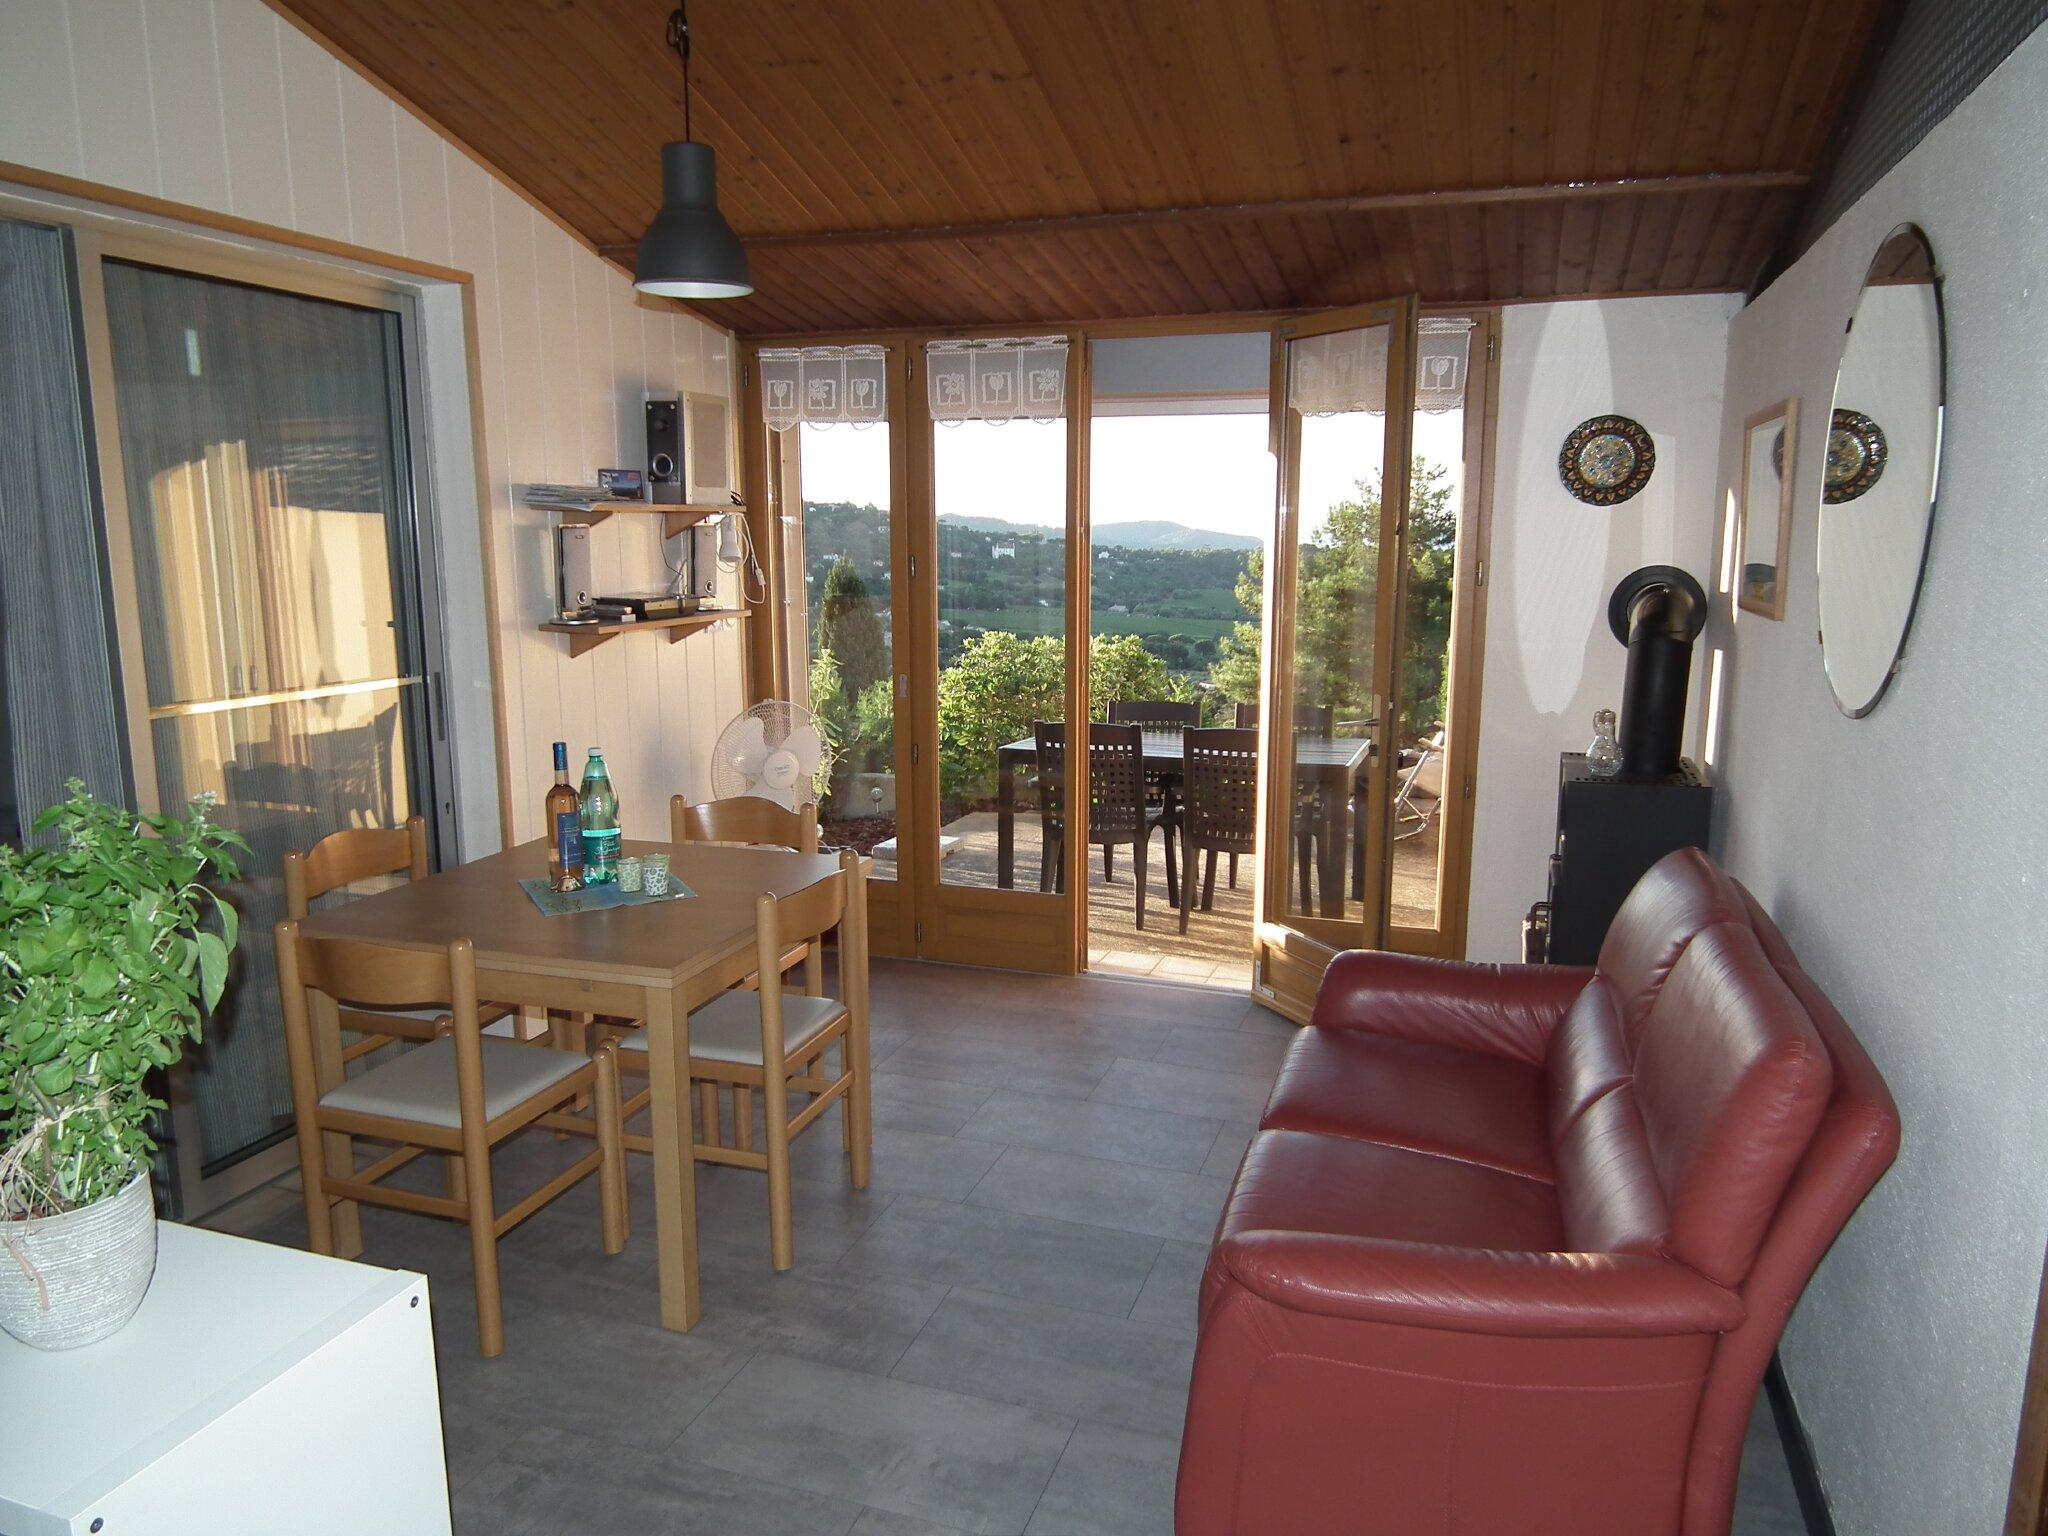 Esszimmer mit Blick auf die Terrasse